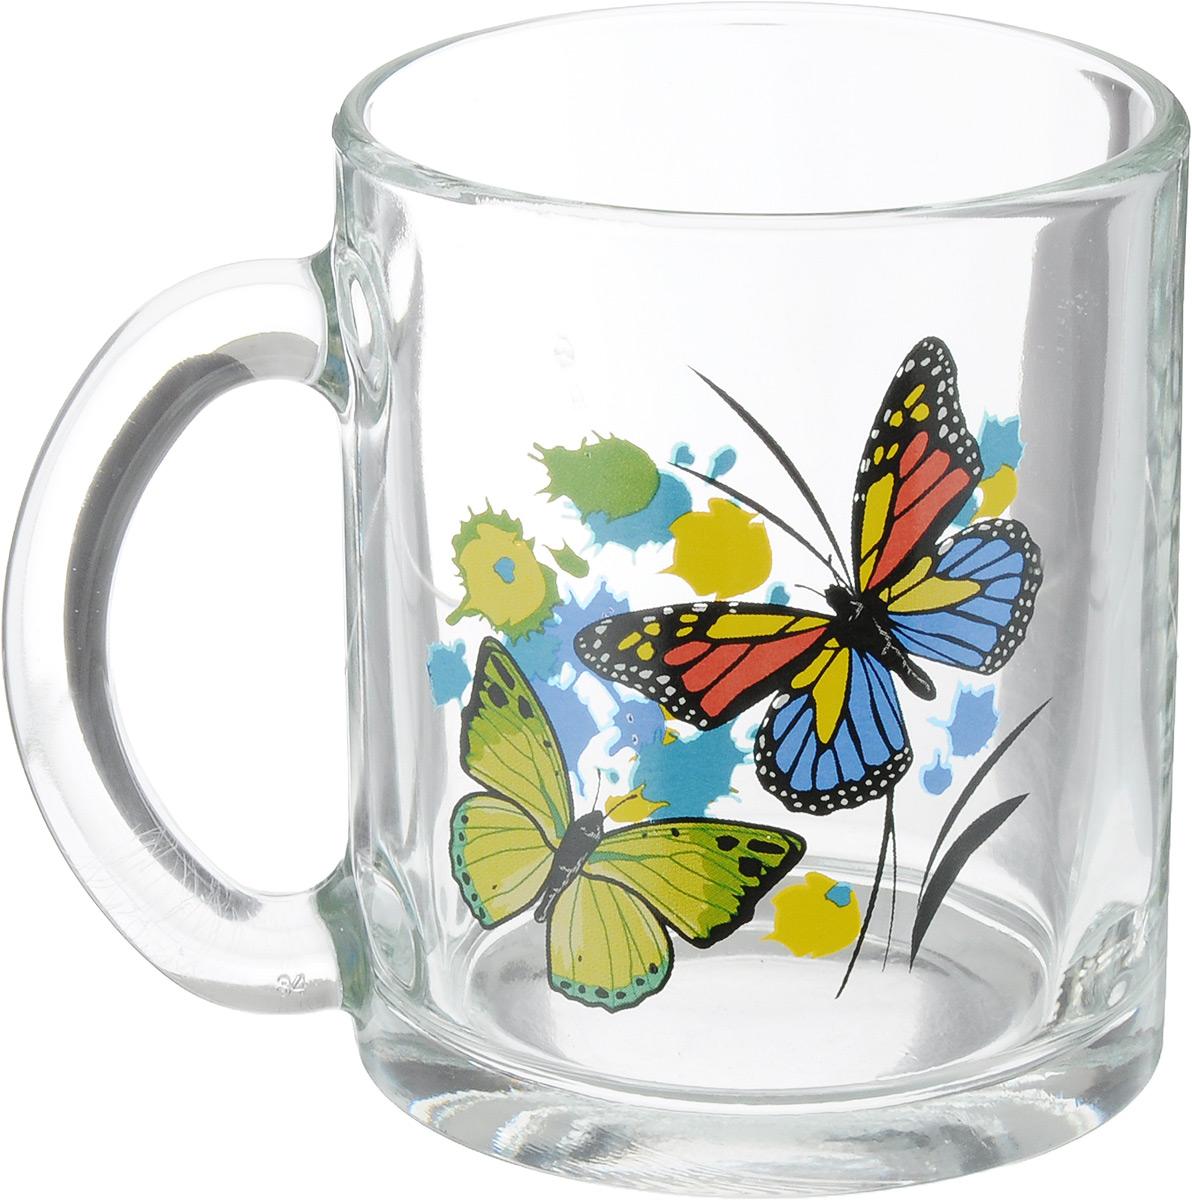 Кружка OSZ Чайная. Танец бабочек, 320 мл391602Кружка OSZ Чайная. Танец бабочек изготовлена из прозрачного стекла и украшена красивым рисунком. Изделие идеально подходит для сервировки стола.Кружка не только украсит ваш кухонный стол, но и подчеркнет прекрасный вкус хозяйки. Диаметр кружки (по верхнему краю): 8 см. Высота кружки: 9,5 см. Объем кружки: 320 мл.